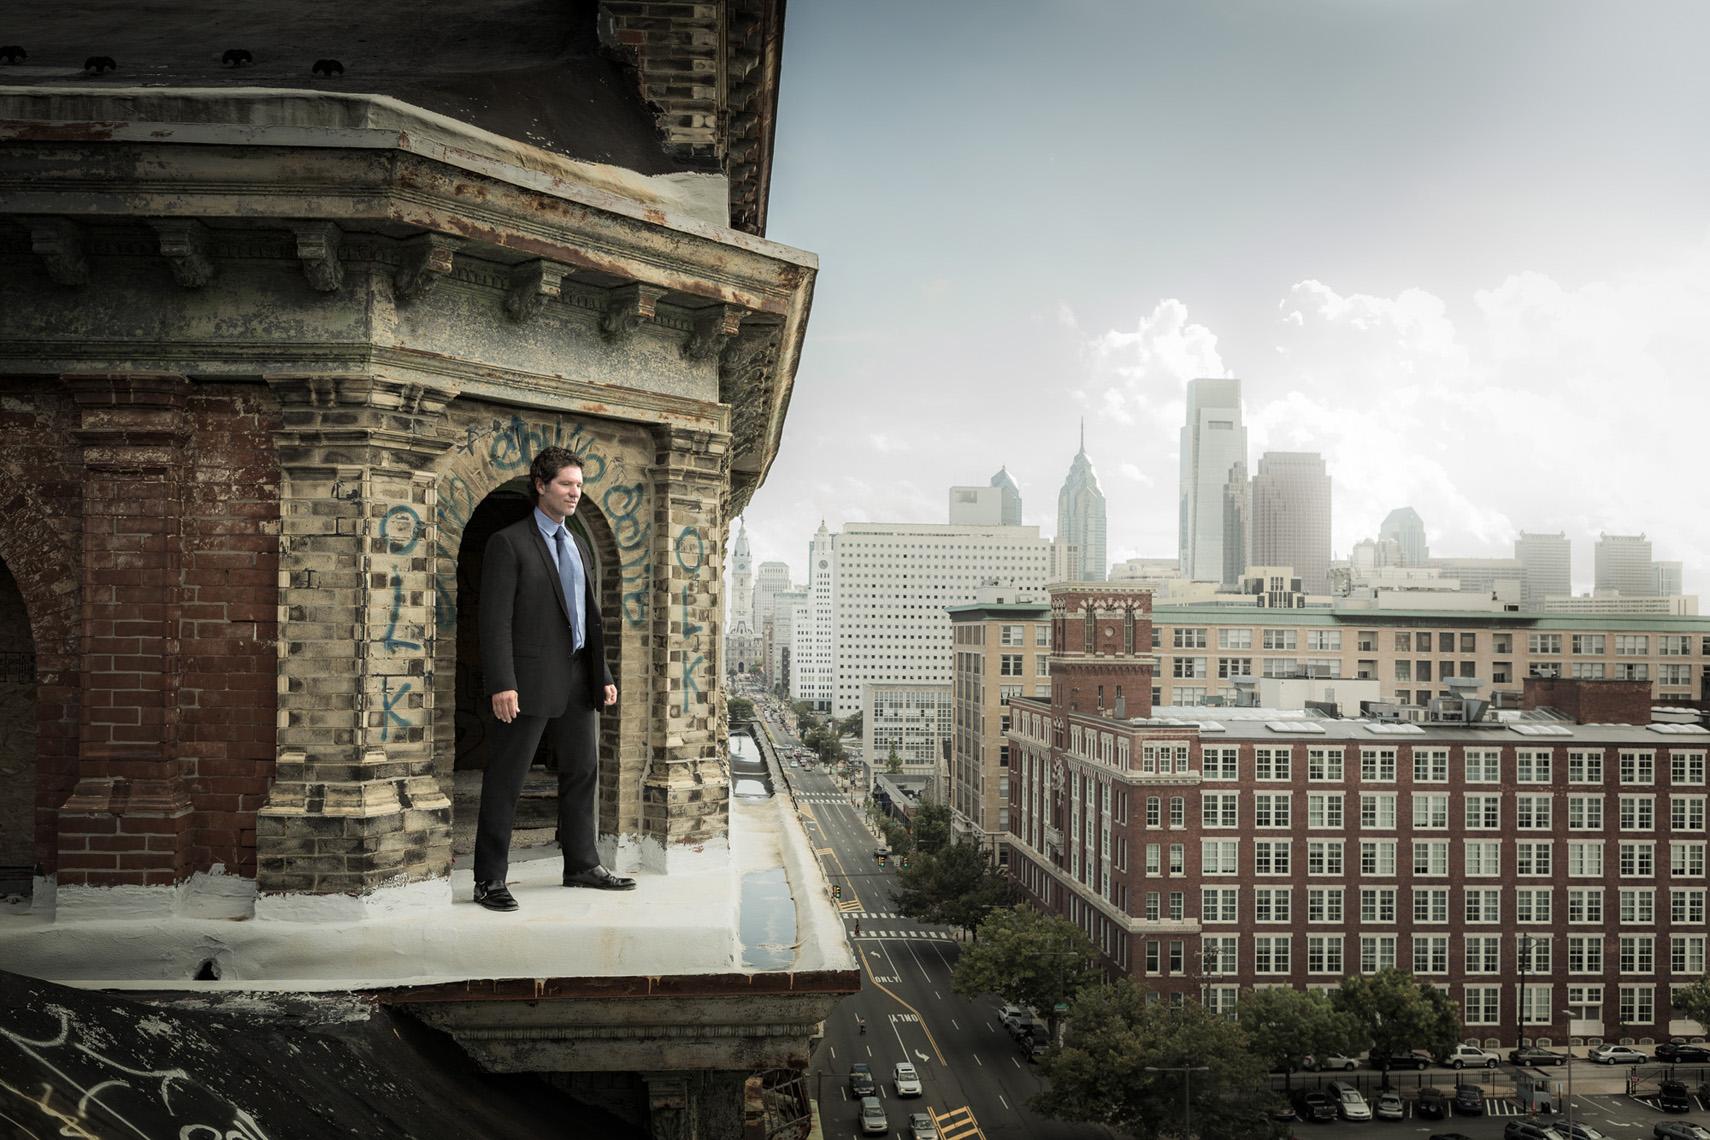 cc2012073 - Eric Blumenfeld, developer, for Philadelphia Magazin